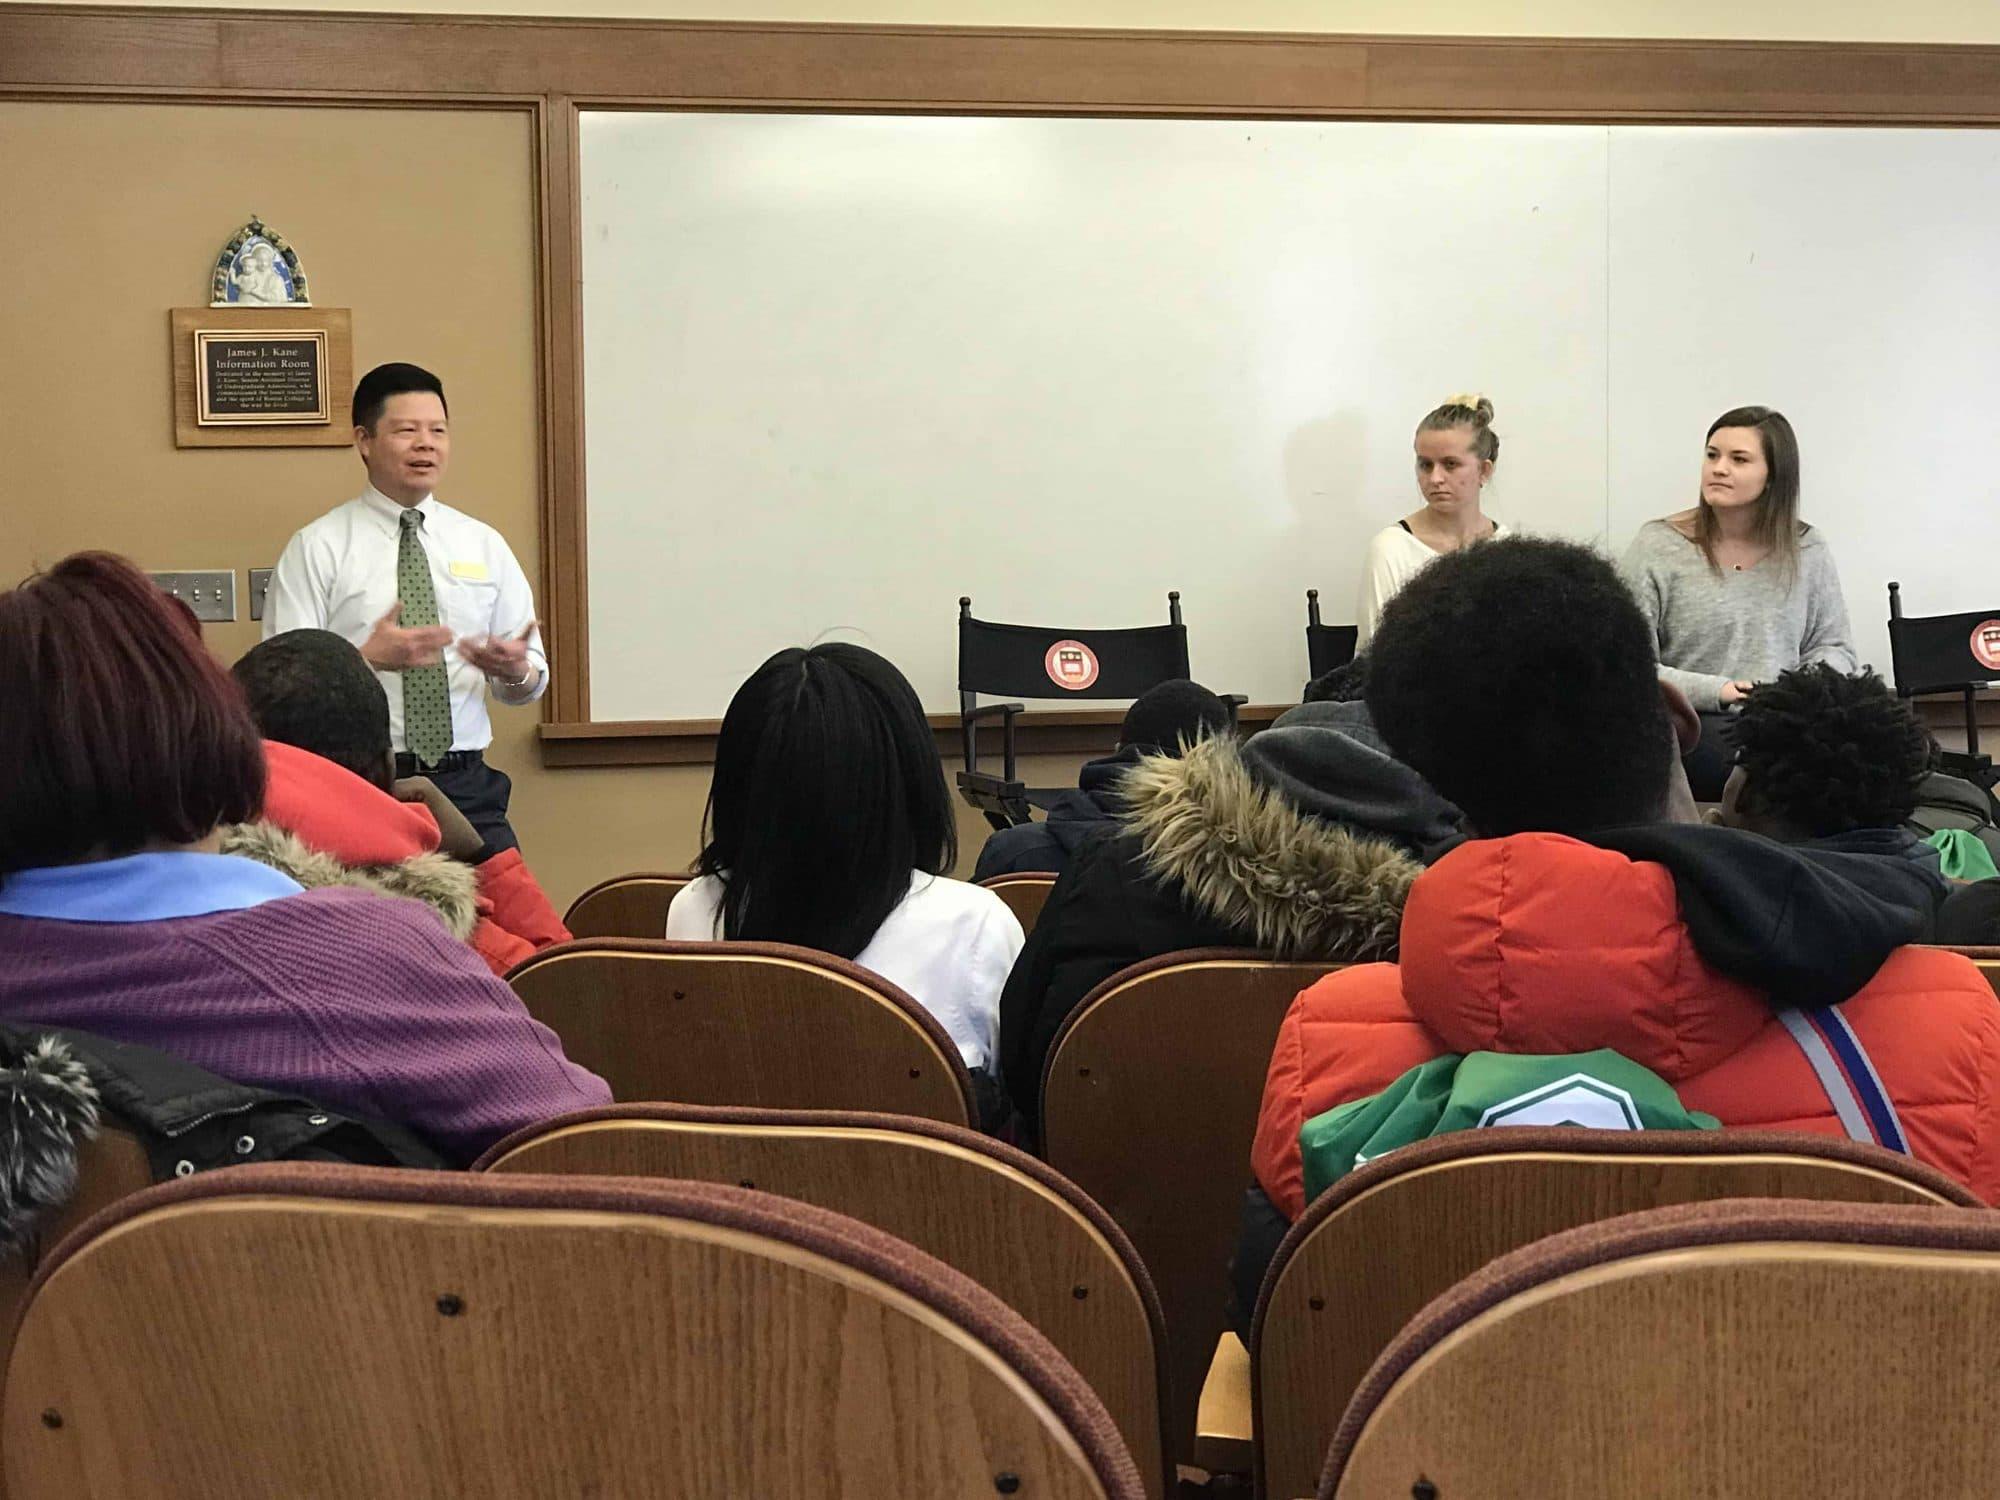 Customized Campus Tour Program